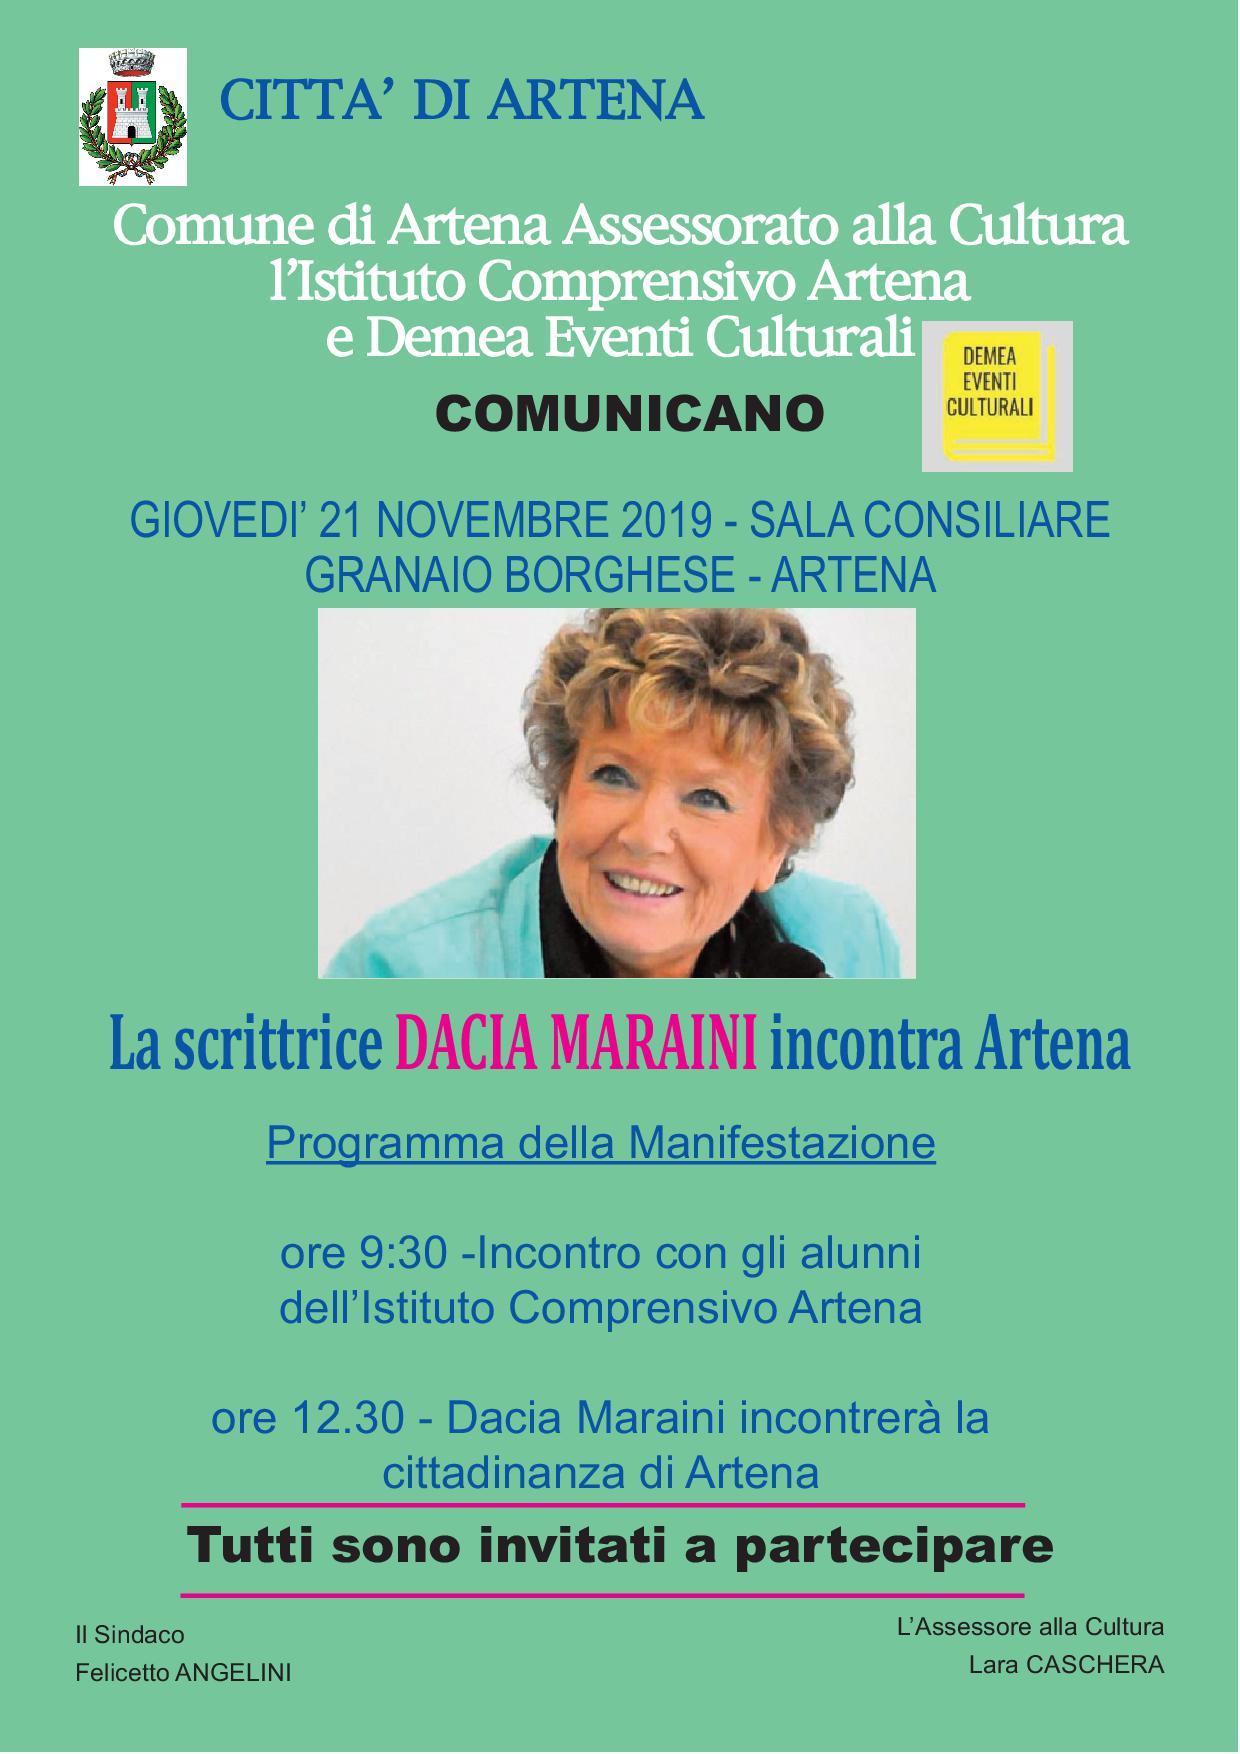 Artena: Incontro con la scrittrice Daria Maraini @ Sala consiliare - Granaio Borghese   Artena   Lazio   Italia